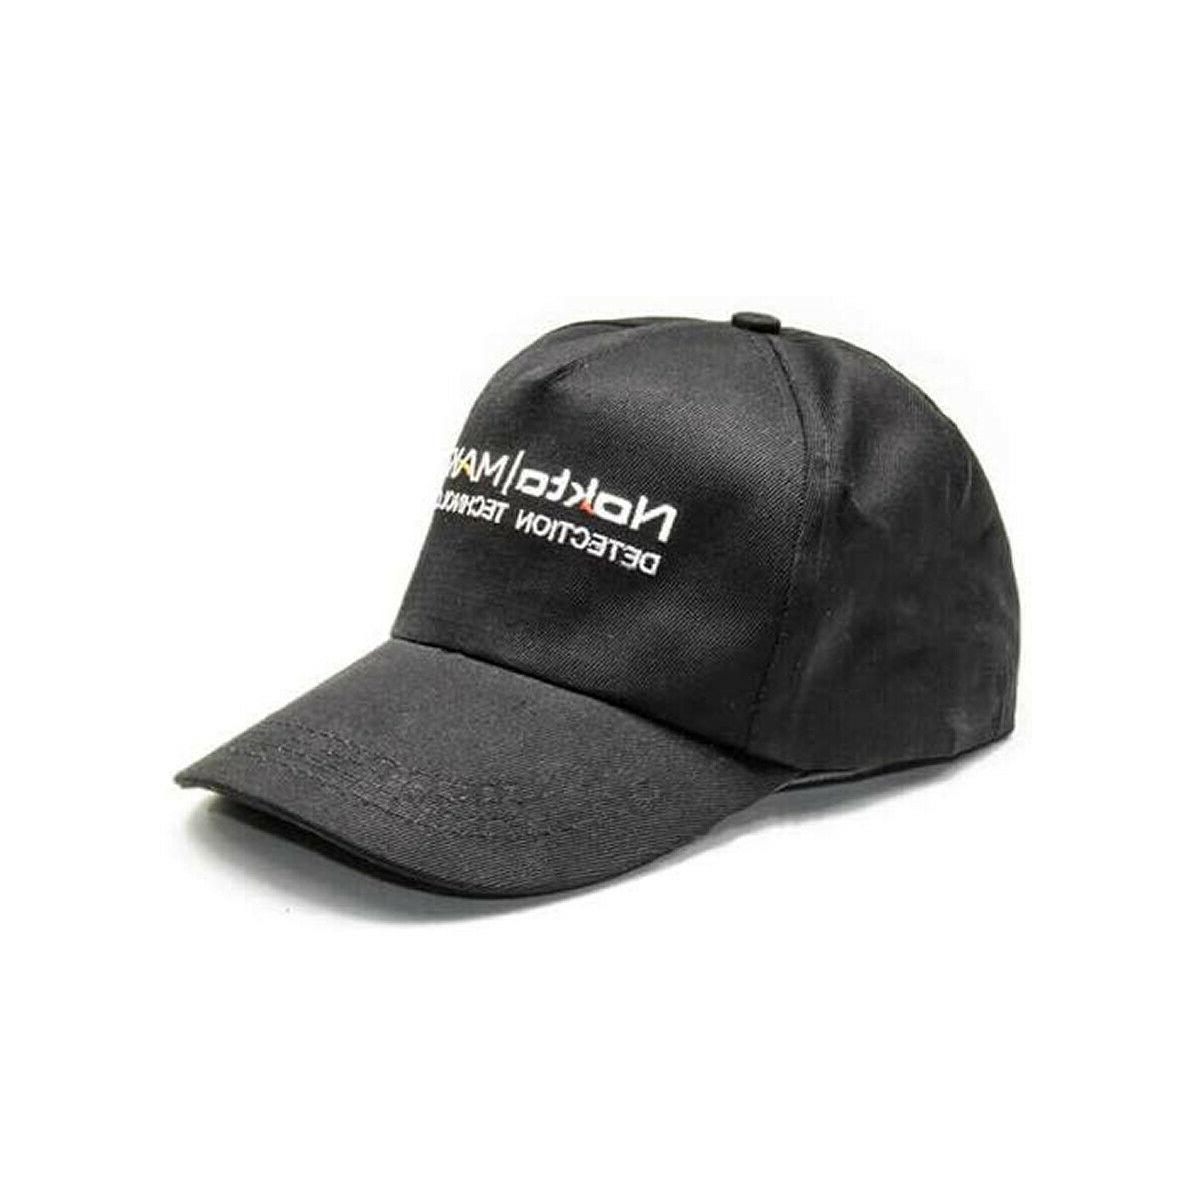 Nokta Waterproof Detector with Wireless Headphones, Hat